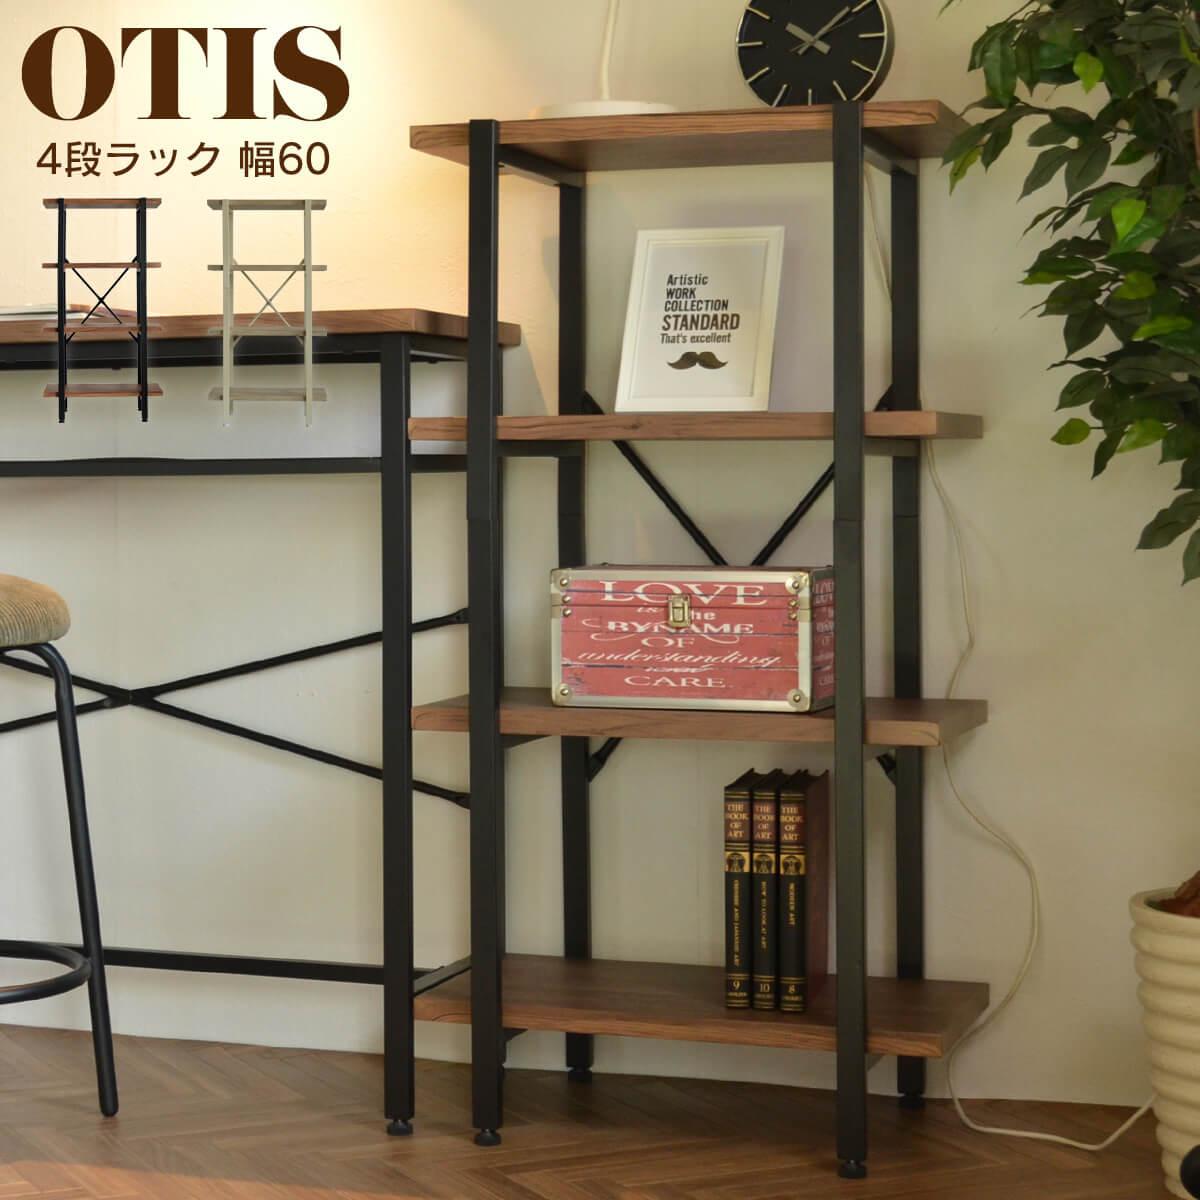 【送料無料】 OTIS オーティス 4段ラック 幅60 オープン 収納 木製 棚 本棚 シェルフ 間仕切り ディスプレイ コンパクト スリム 省スペース 一人暮らし リビング おしゃれ デザイン OTOR-60-D4